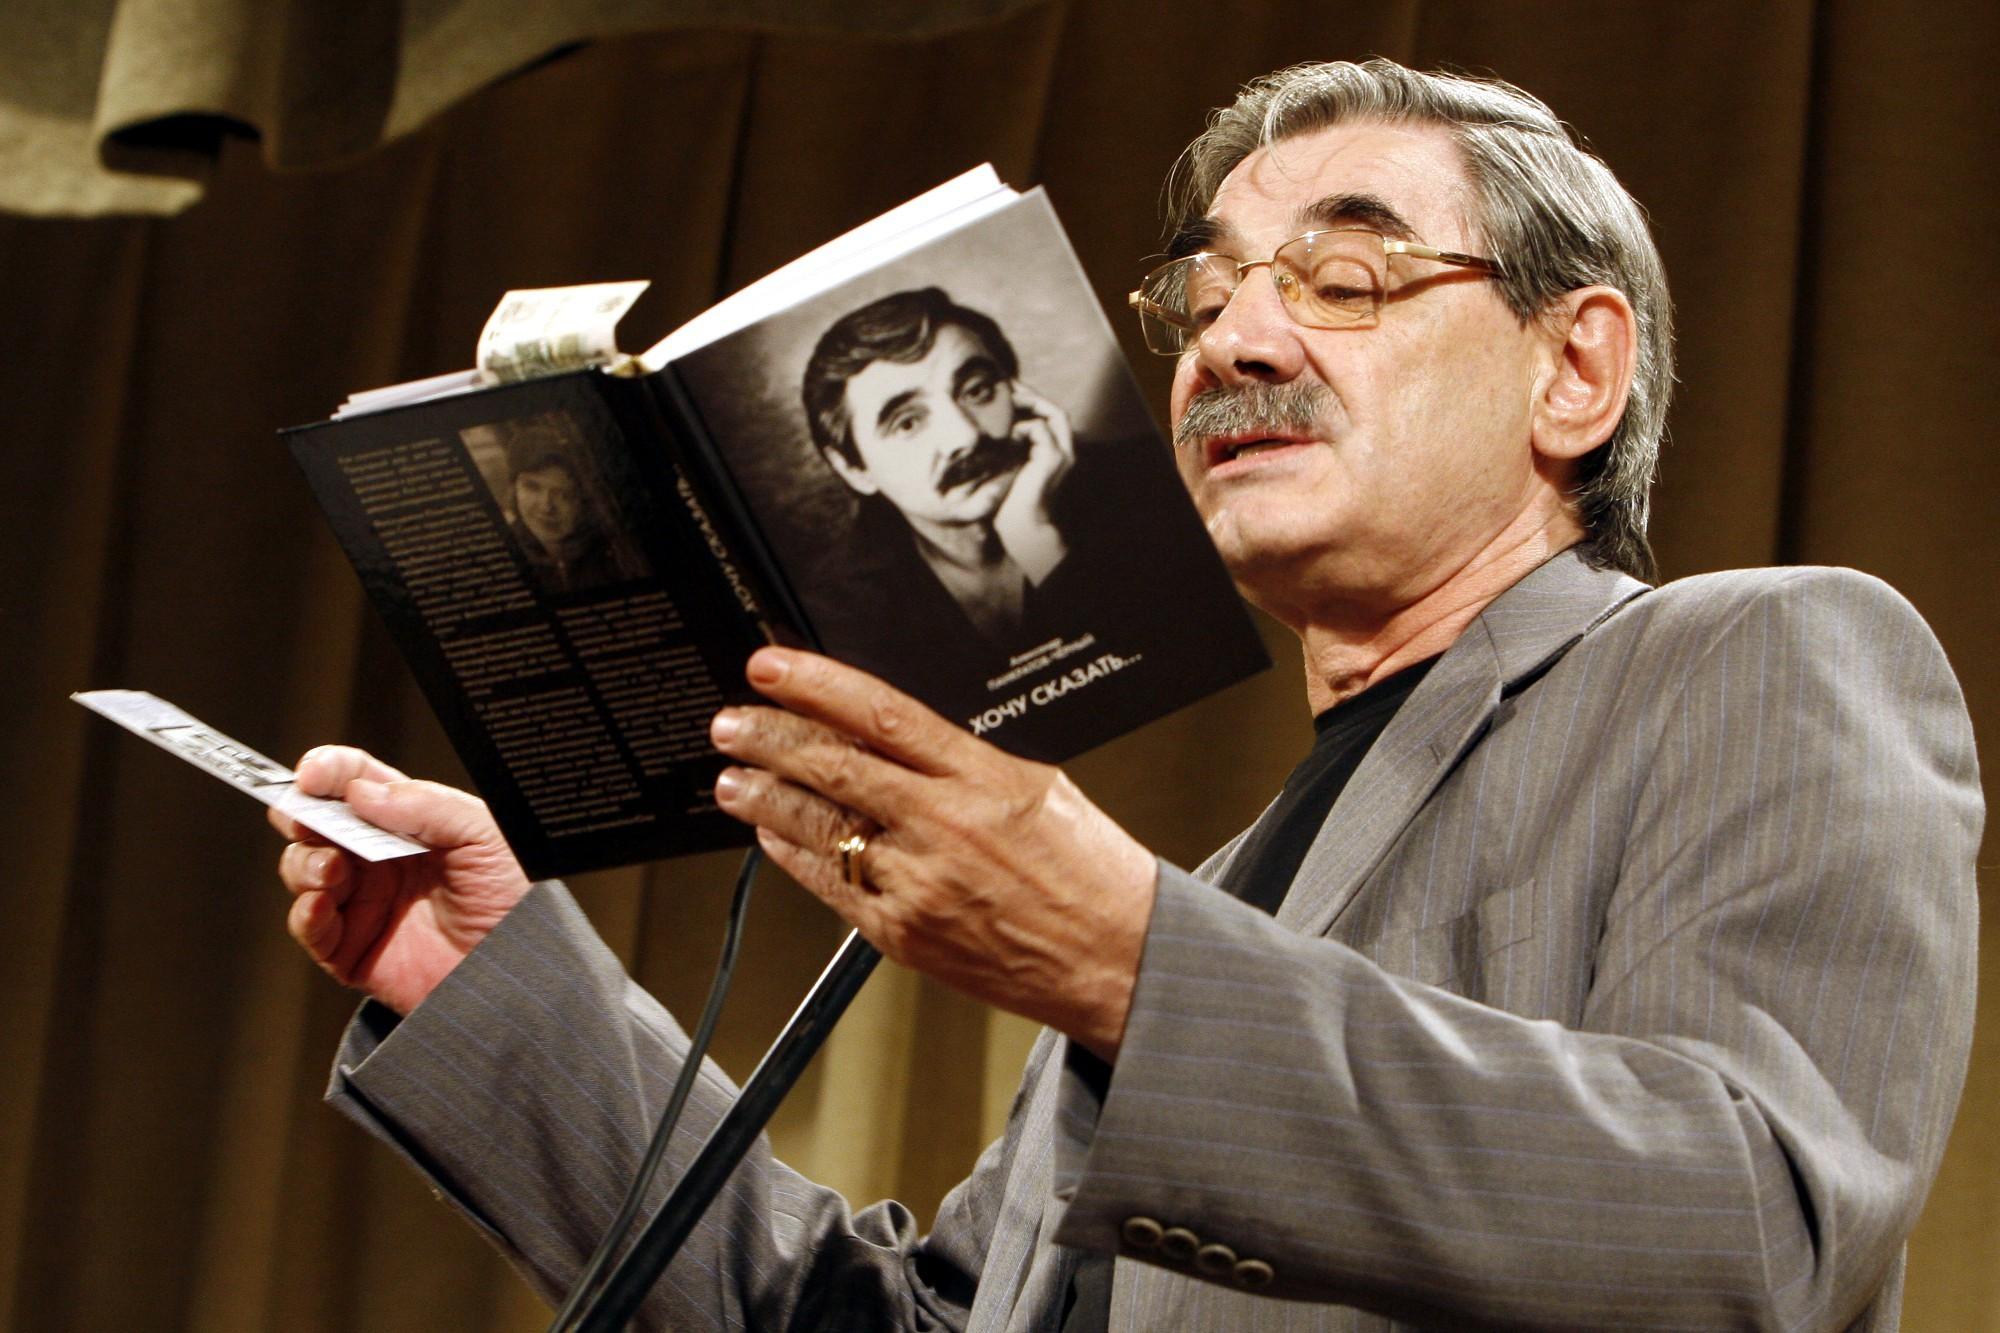 Панкратов-Черный  сборника мемуаров «Судьба-Злодейка»